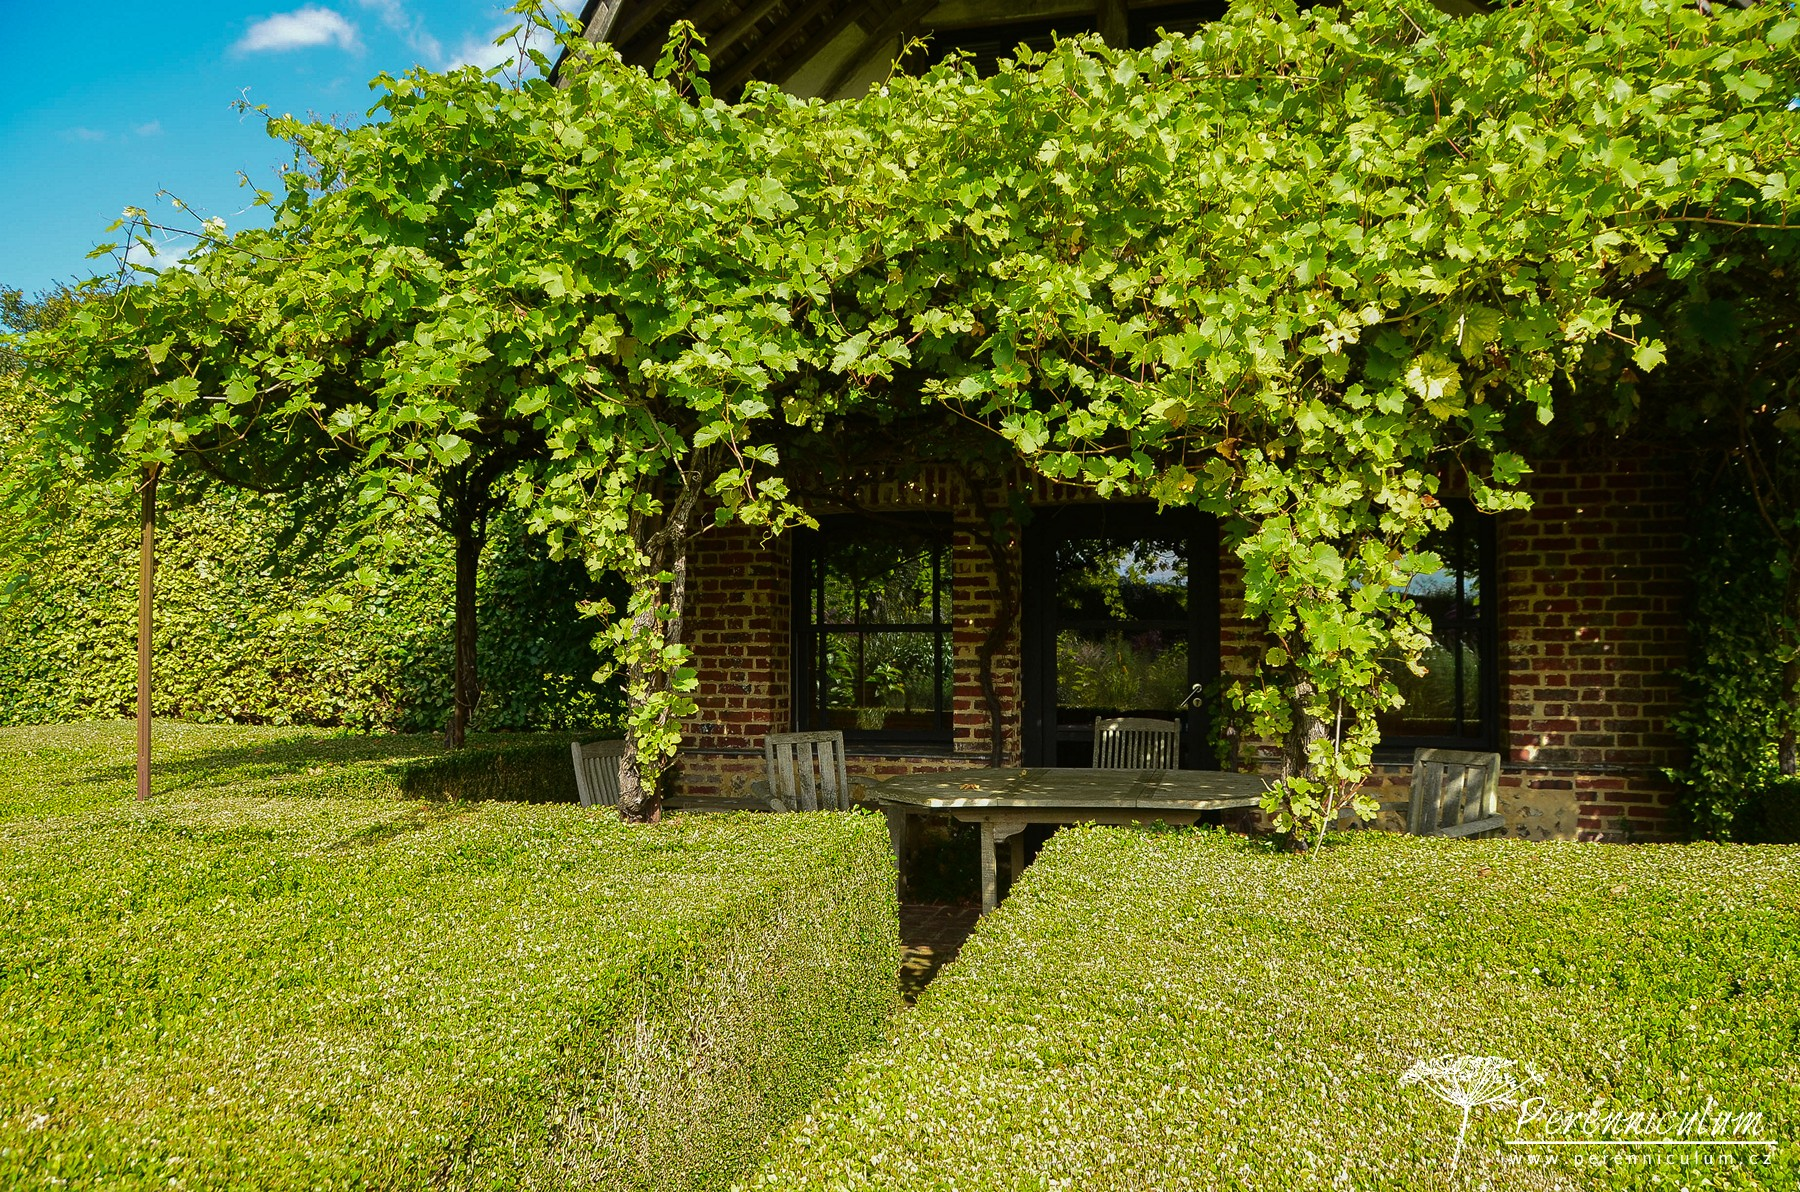 Na západní straně domu je posezení s pergolou, kterou popíná vinná réva a obklopuje velký blok stříhaného buxusu.